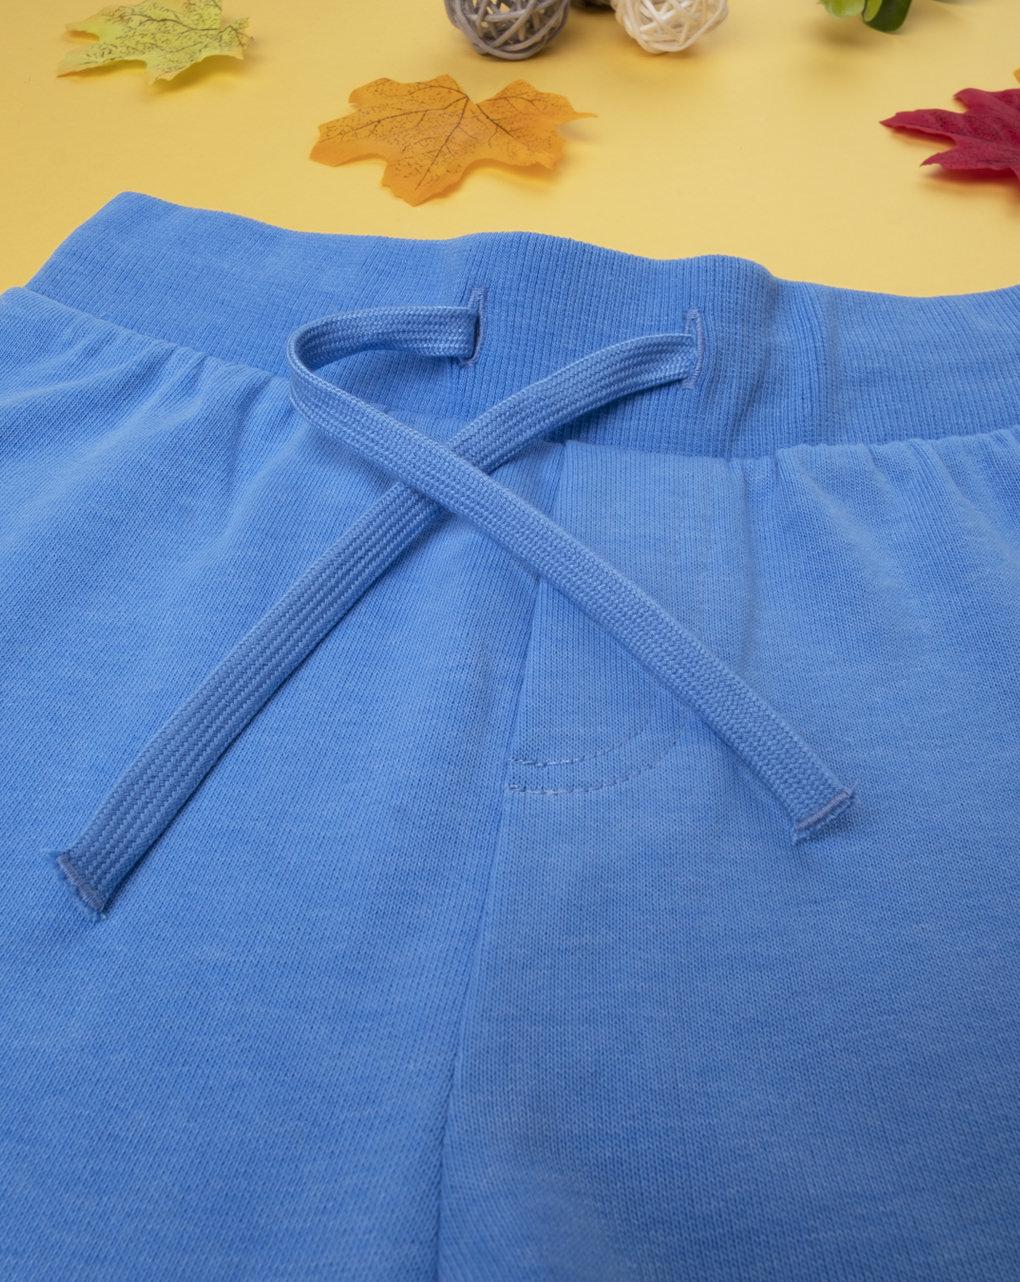 Pantalone felpato boy azzurro intenso - Prénatal